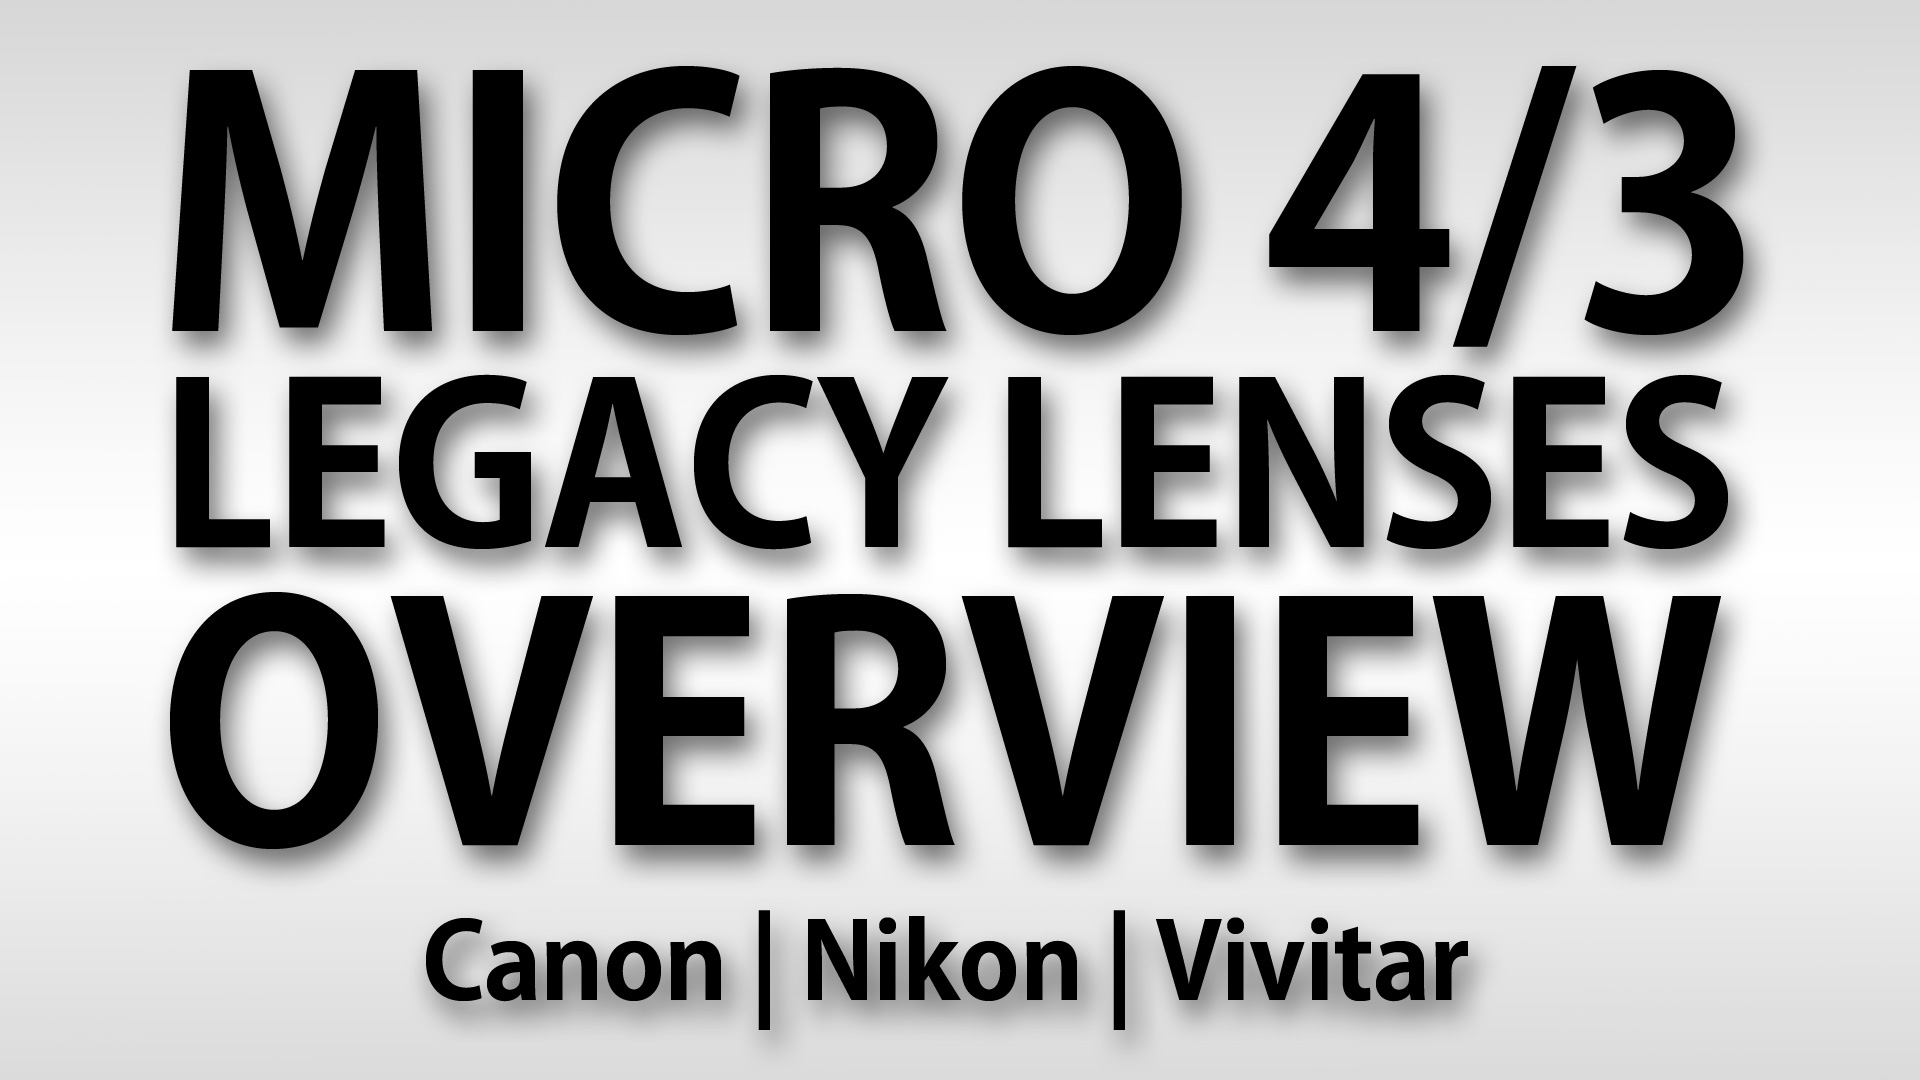 Micro 4/3 Legacy Lenses Overview (Canon FD, Nikon E, Vivitar)